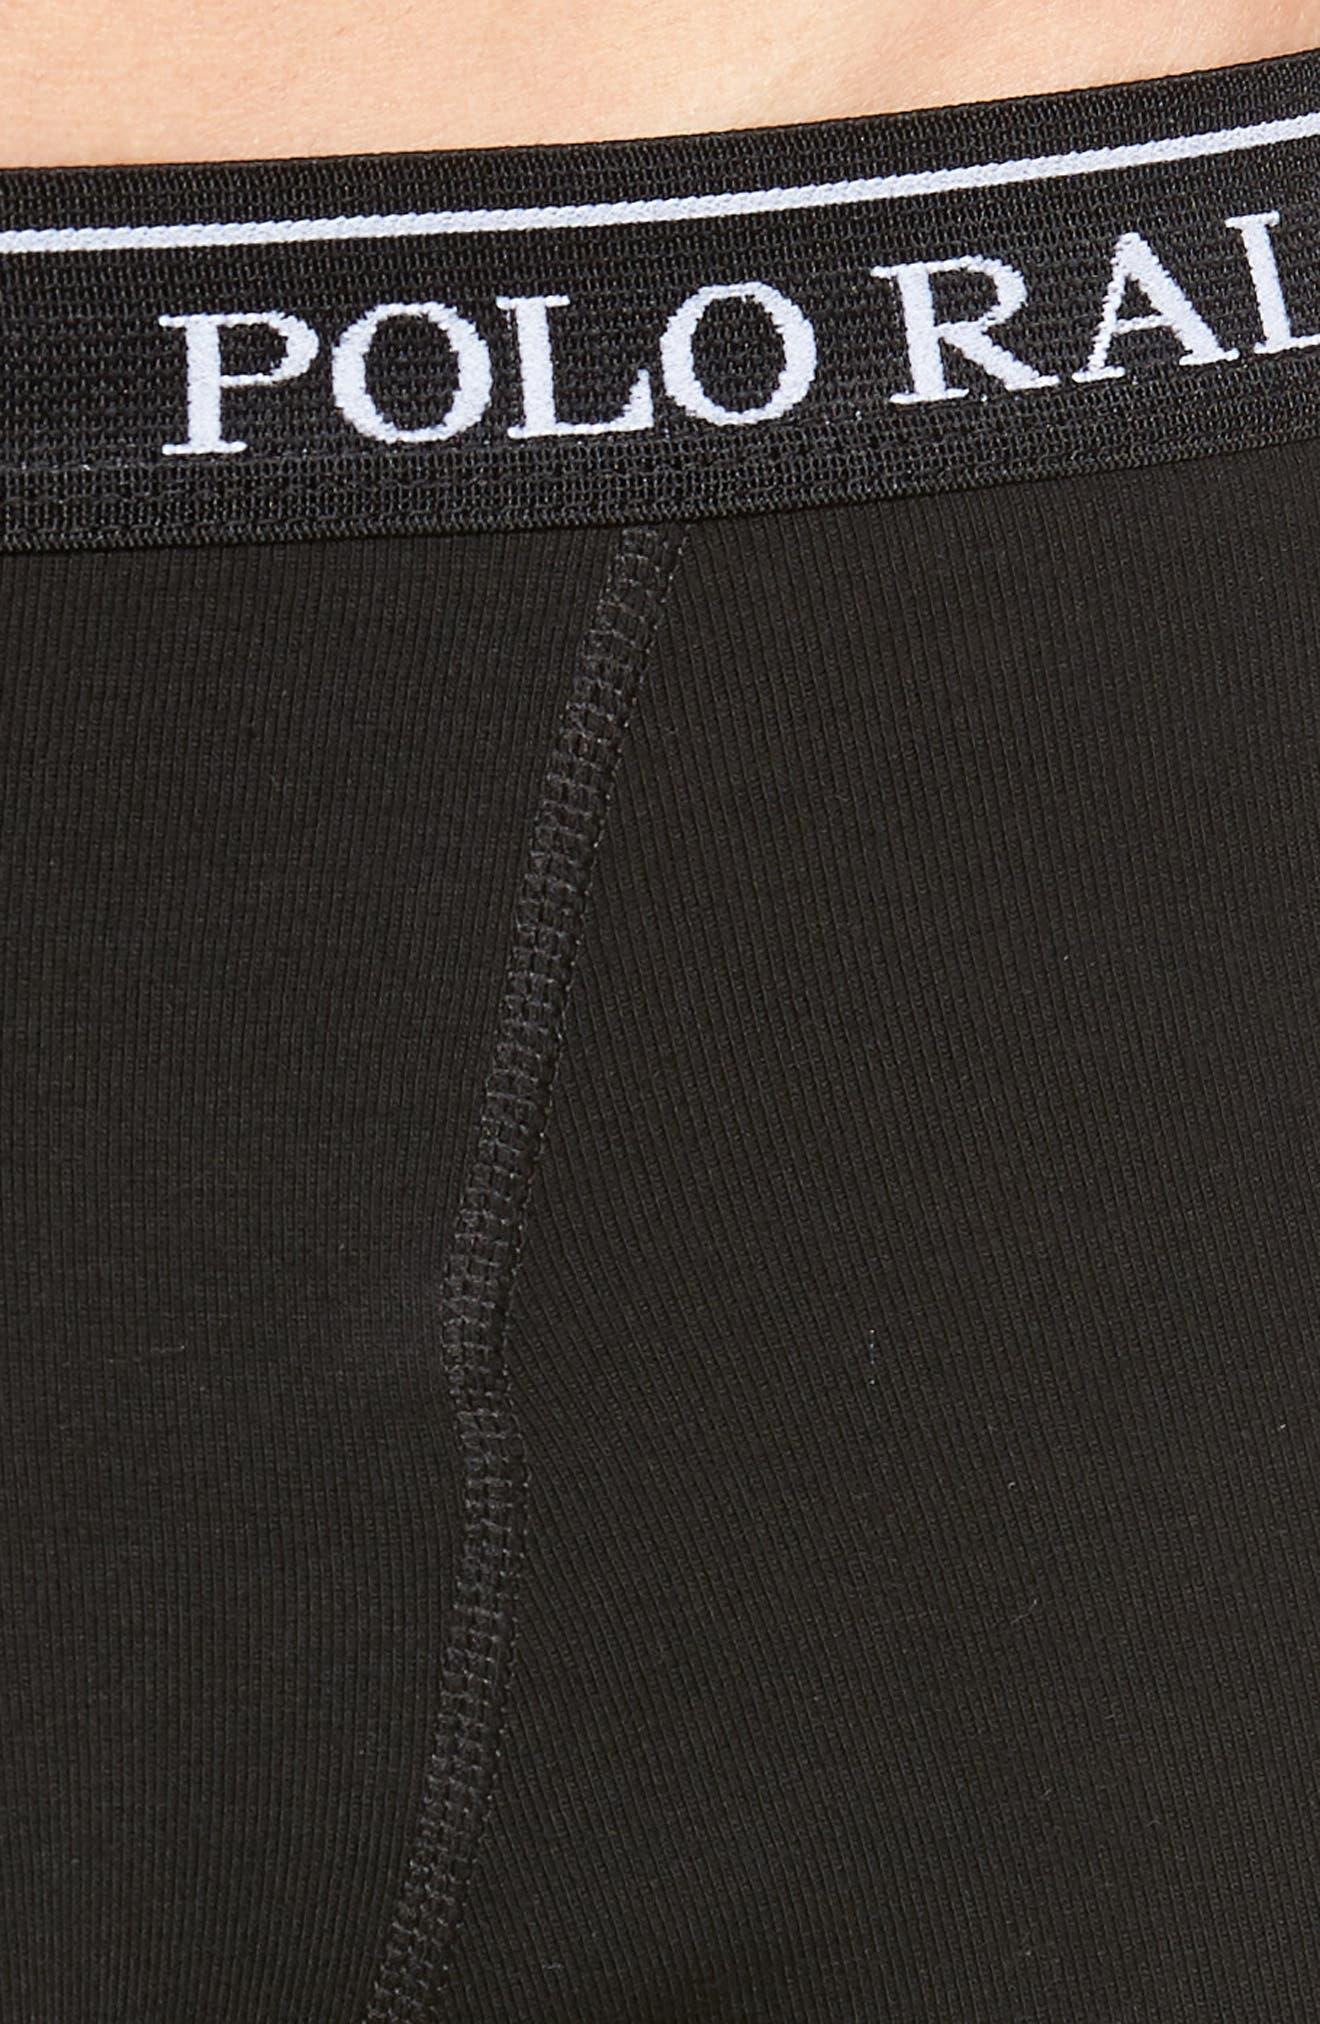 Polo Ralph Lauren 3-Pack Cotton Boxer Briefs,                             Alternate thumbnail 5, color,                             POLO BLACK